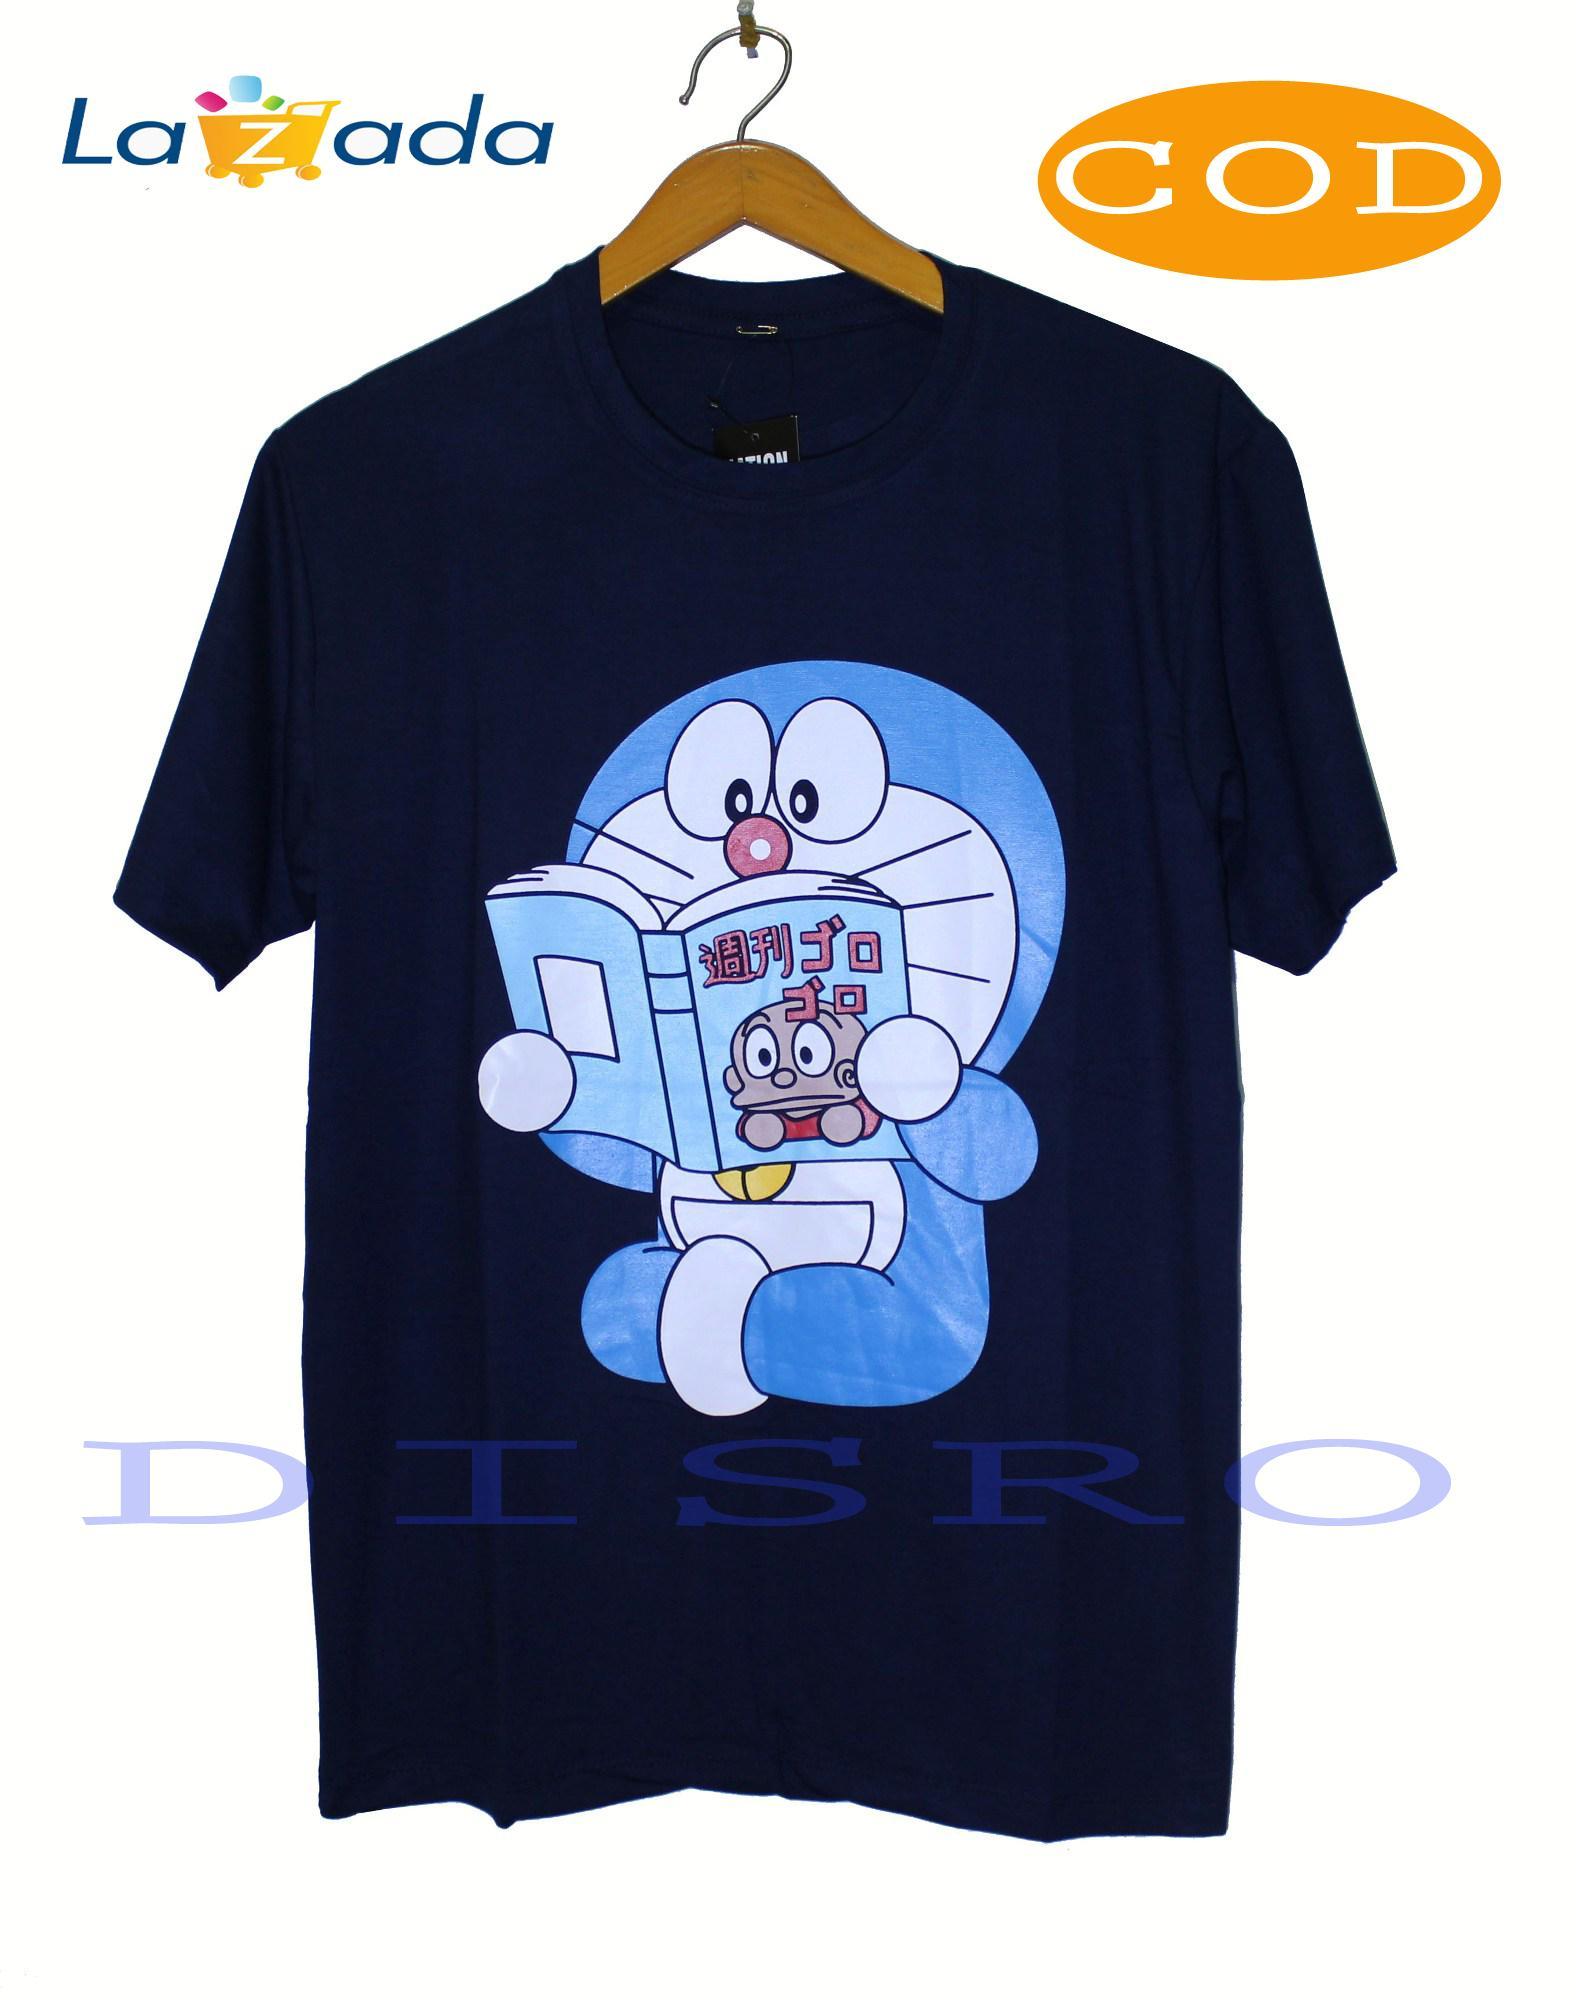 DISRO - Kaos Distro Pria Gambar Doraemon IWAN FALS Kaos Keren Mode JAMAN NOW Gaya Kekinian BAJU KAOS DISTRO BANDUNG MURAH / Kaos Distro Pria Cewe Cowo VR 46 420 Bloods Distro 0_1 Tumblr Tee Kaos Kata Kata 1_1 Harga Murah Kaos Polos Distro Keren